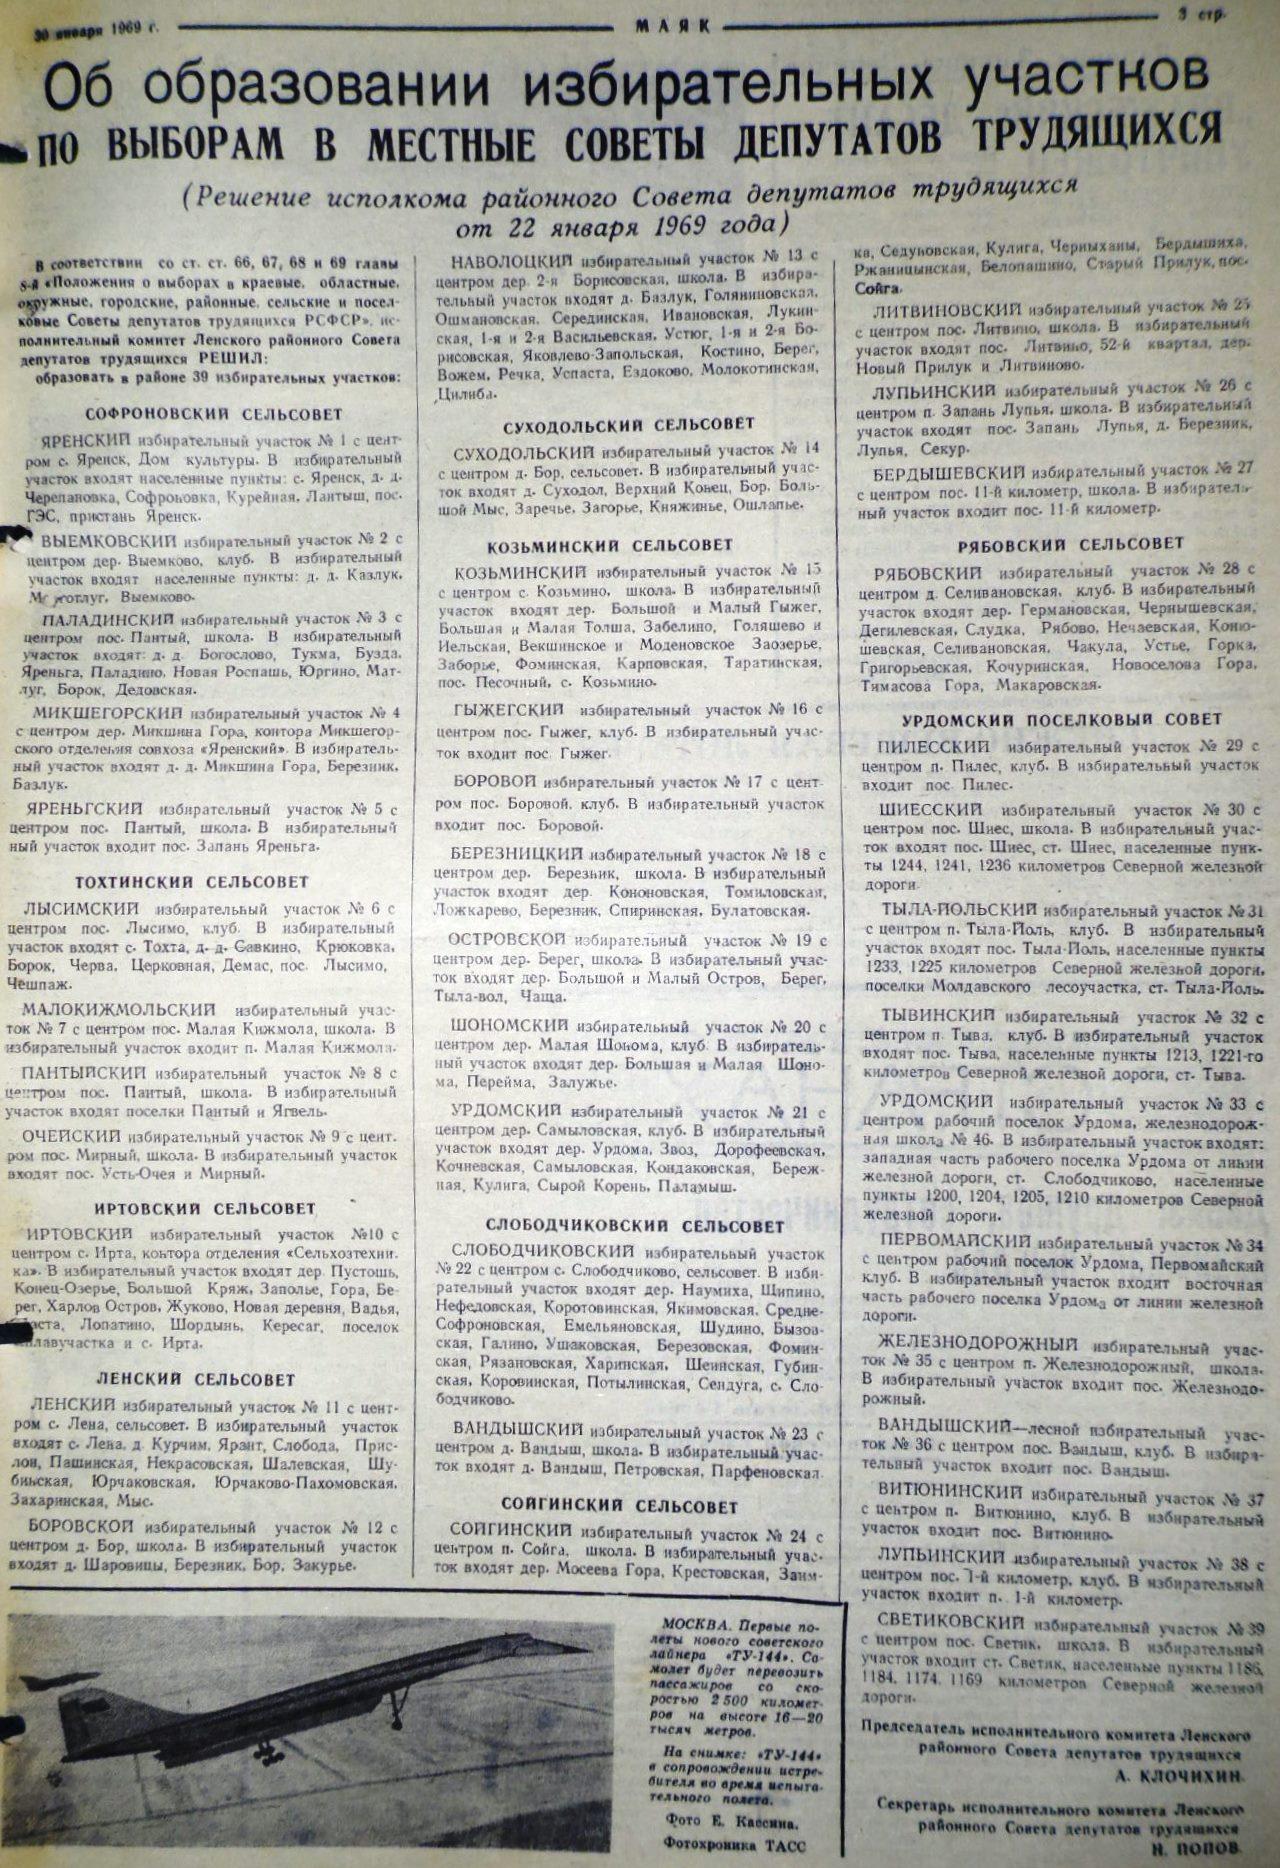 """Газета """"Маяк"""" от 30.01.1969. Состав избирательных участков и населенных пунктов."""